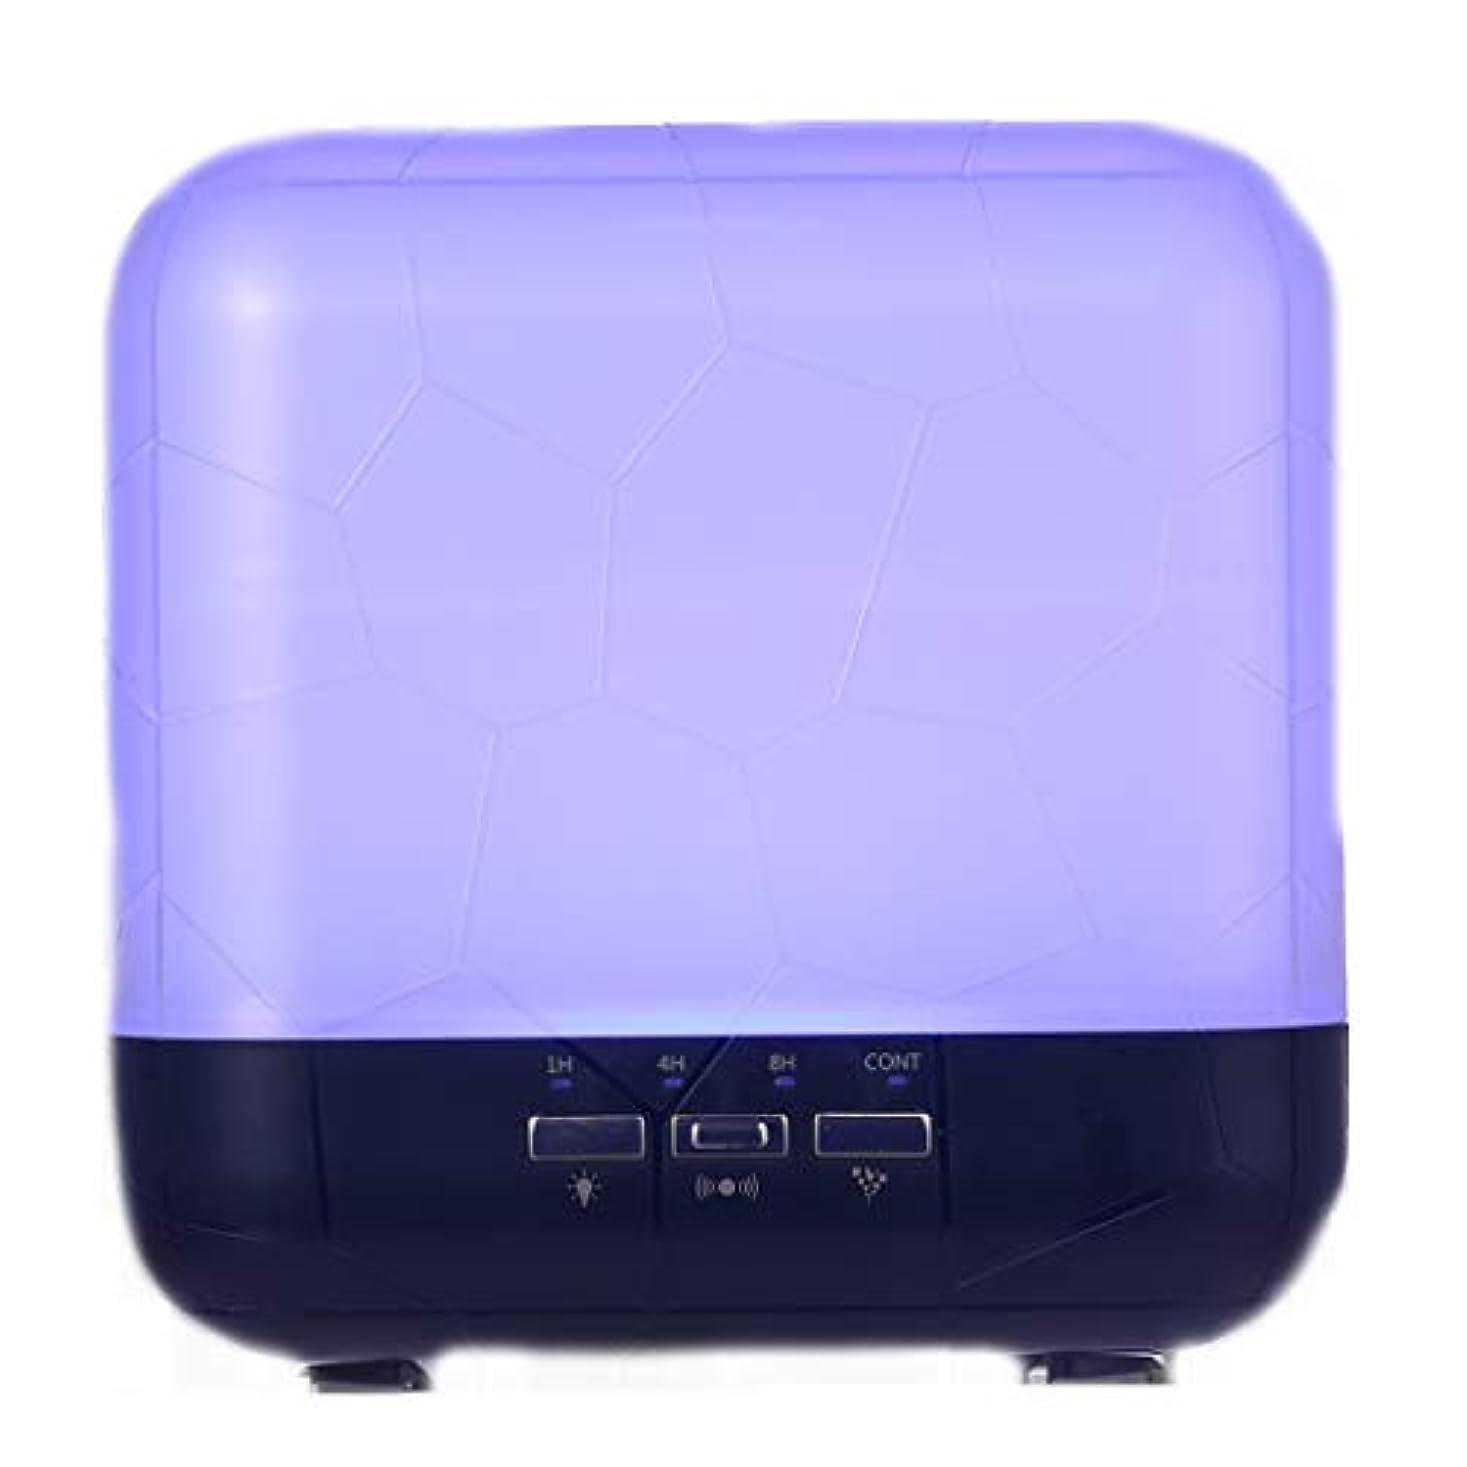 似ているサイトライン肌拡散器、調節可能なミストモード、寝室/オフィス/旅行のためのアロマセラピー機械を離れた自動のHomeweeks 1000ml多彩な精油の拡散器 (Color : Purple)